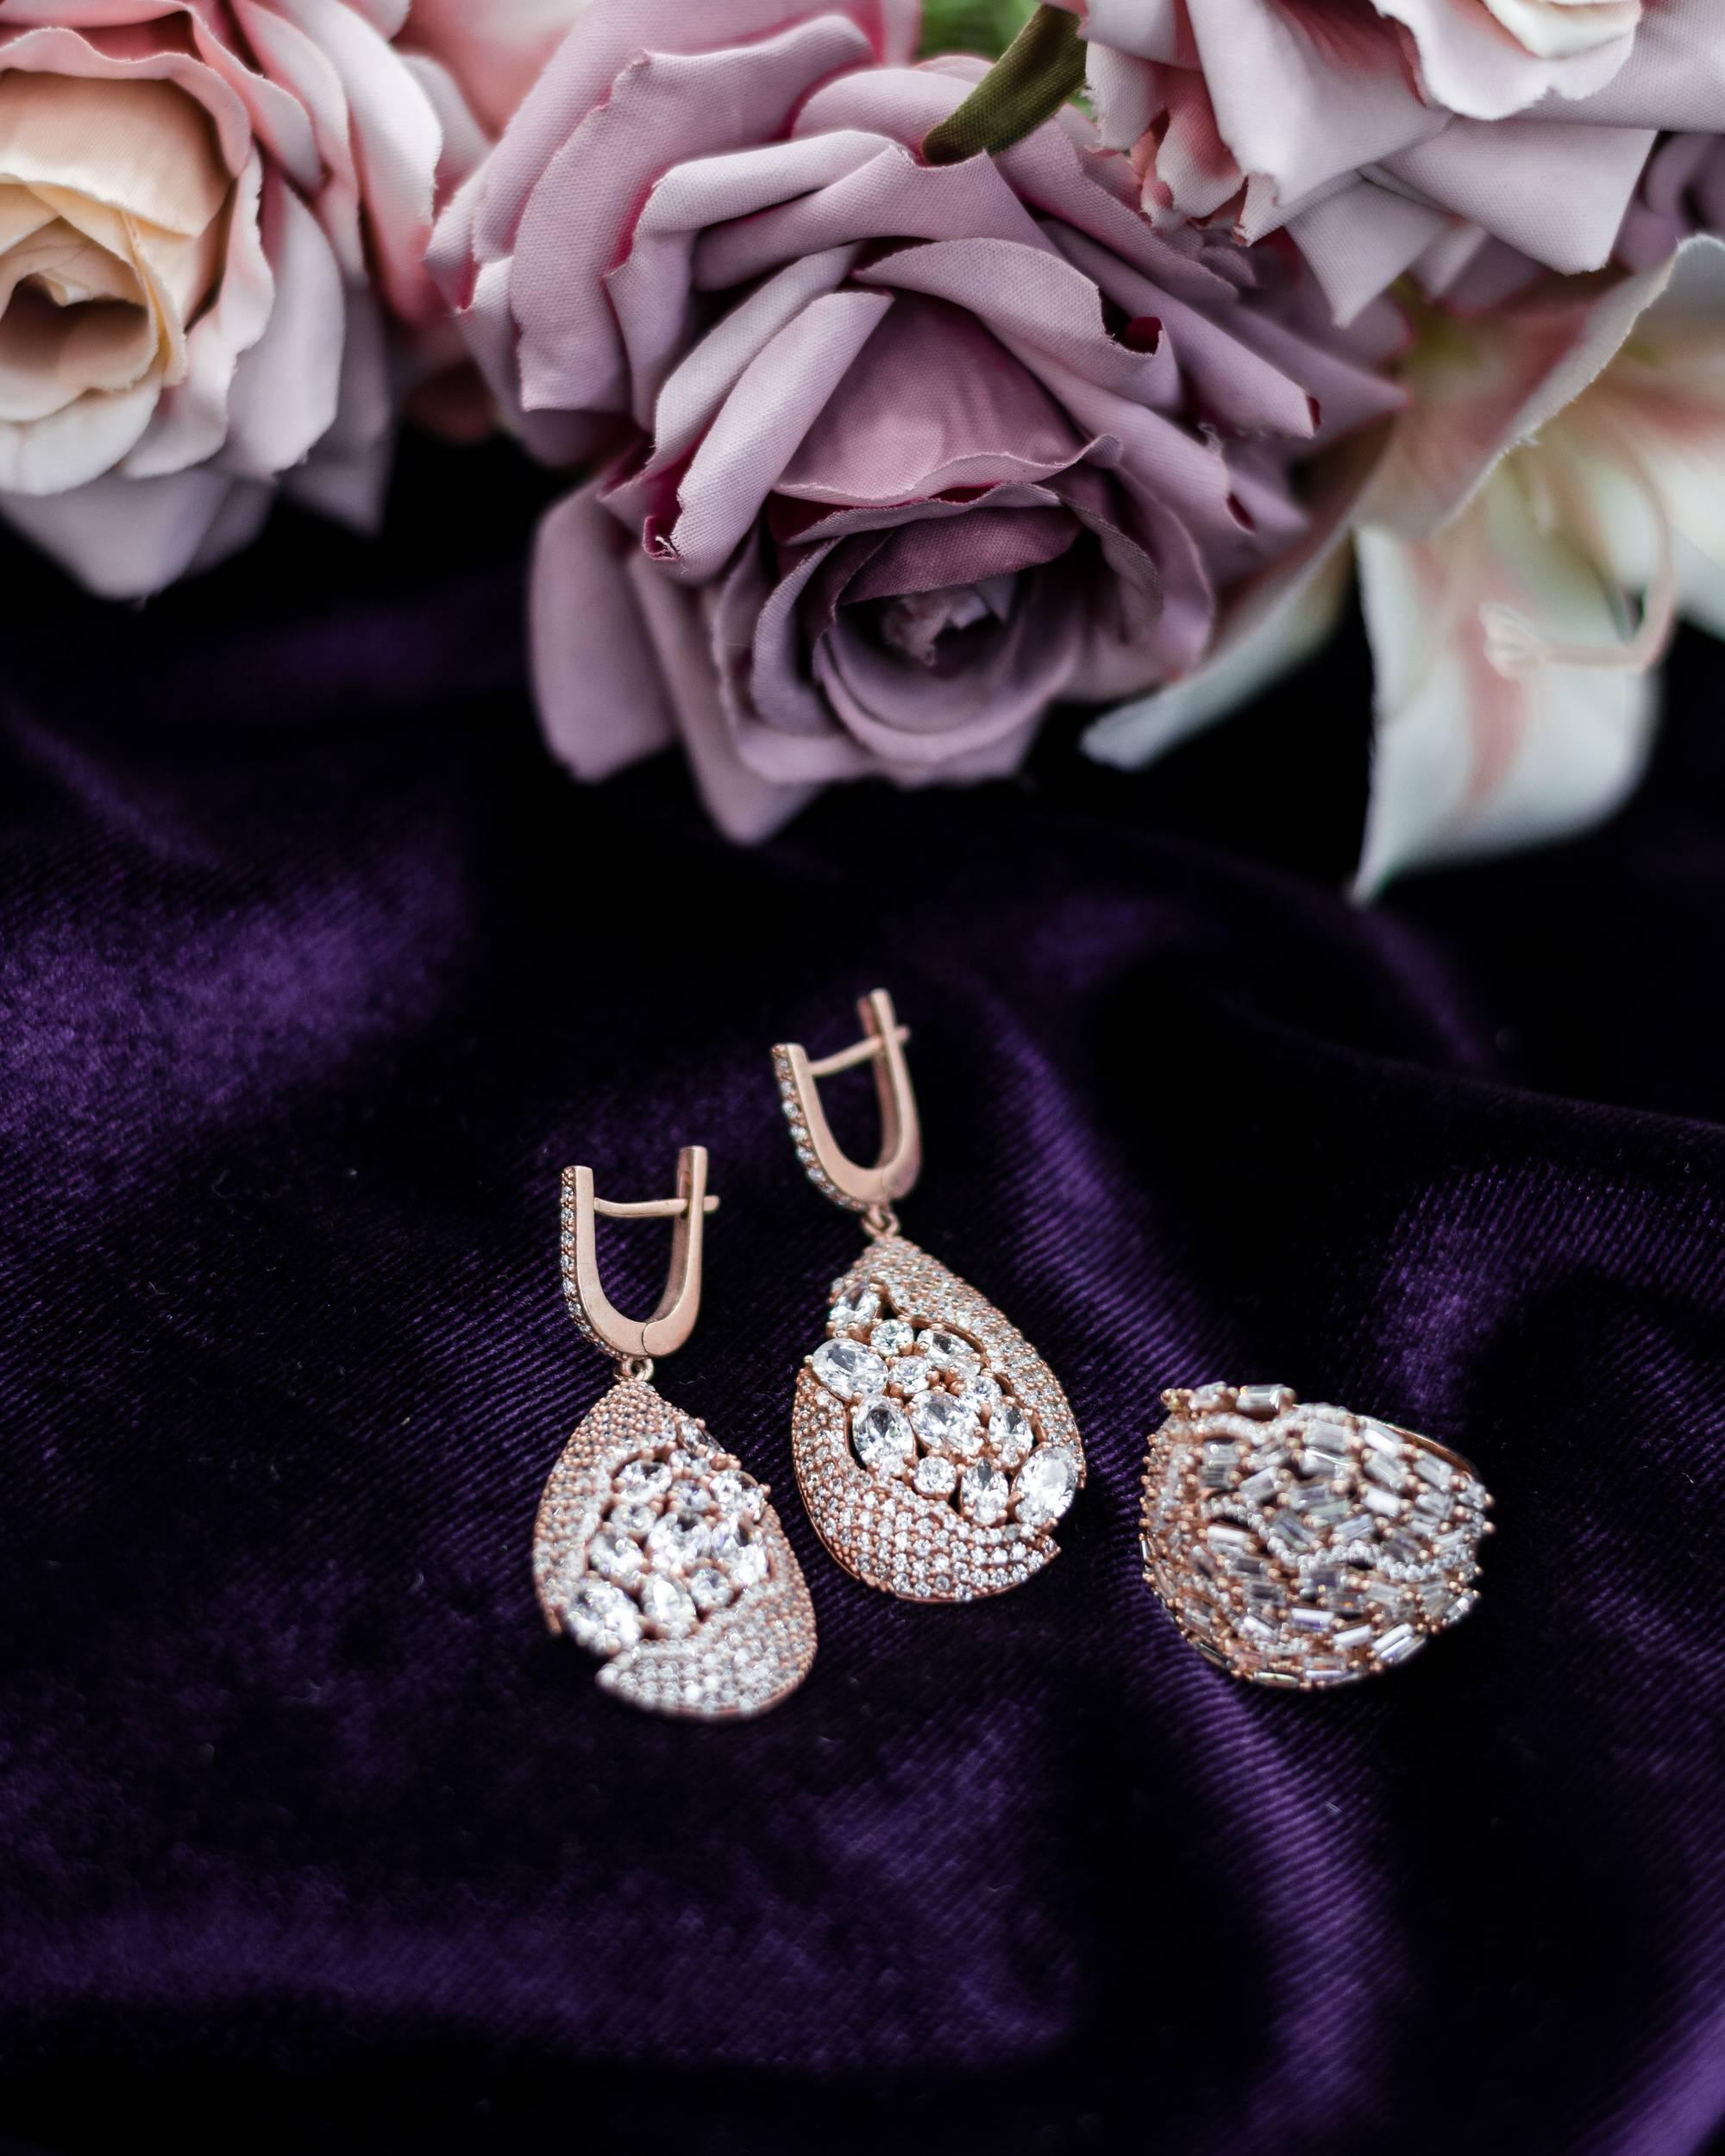 Double-J-Accessories-la-marque-de-bijoux-libanaise-engagee-2-4